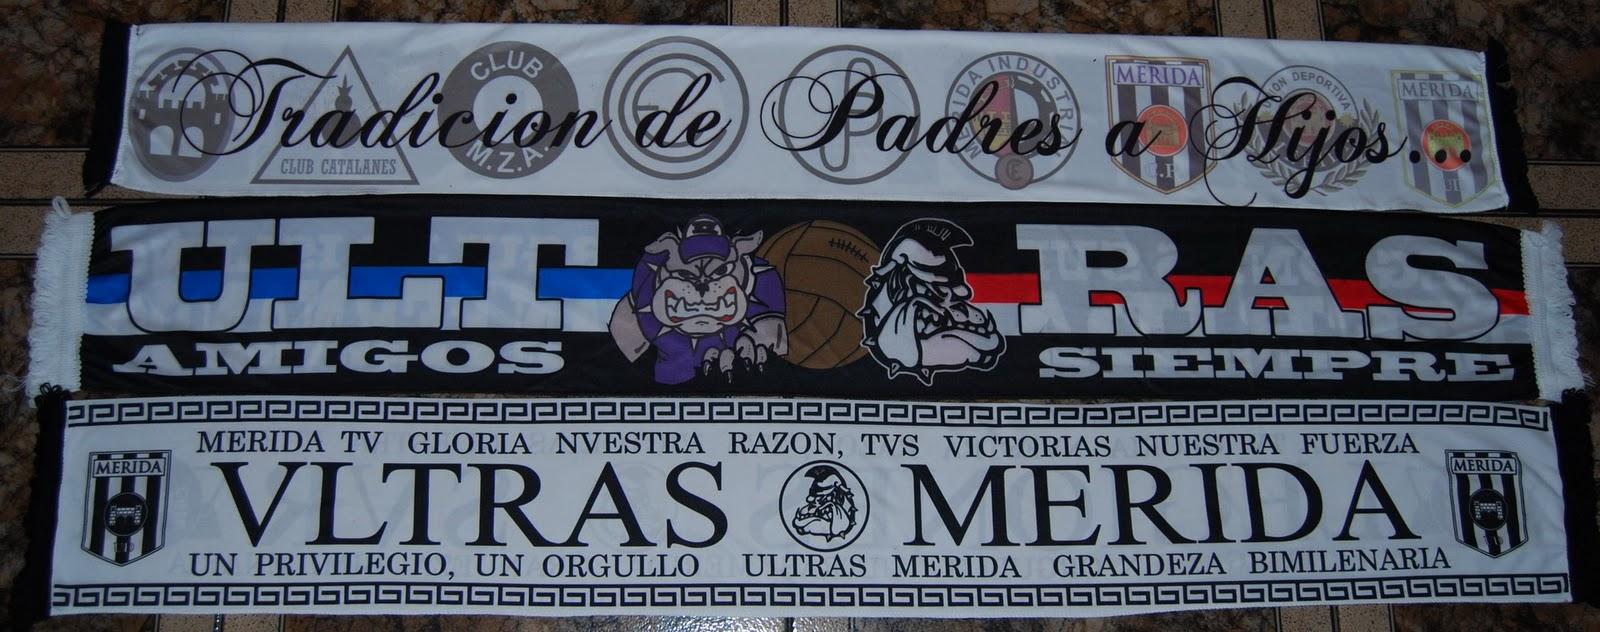 Bufandas del grupo ultra Legiones Sur perteneciente al Mérida C.F.